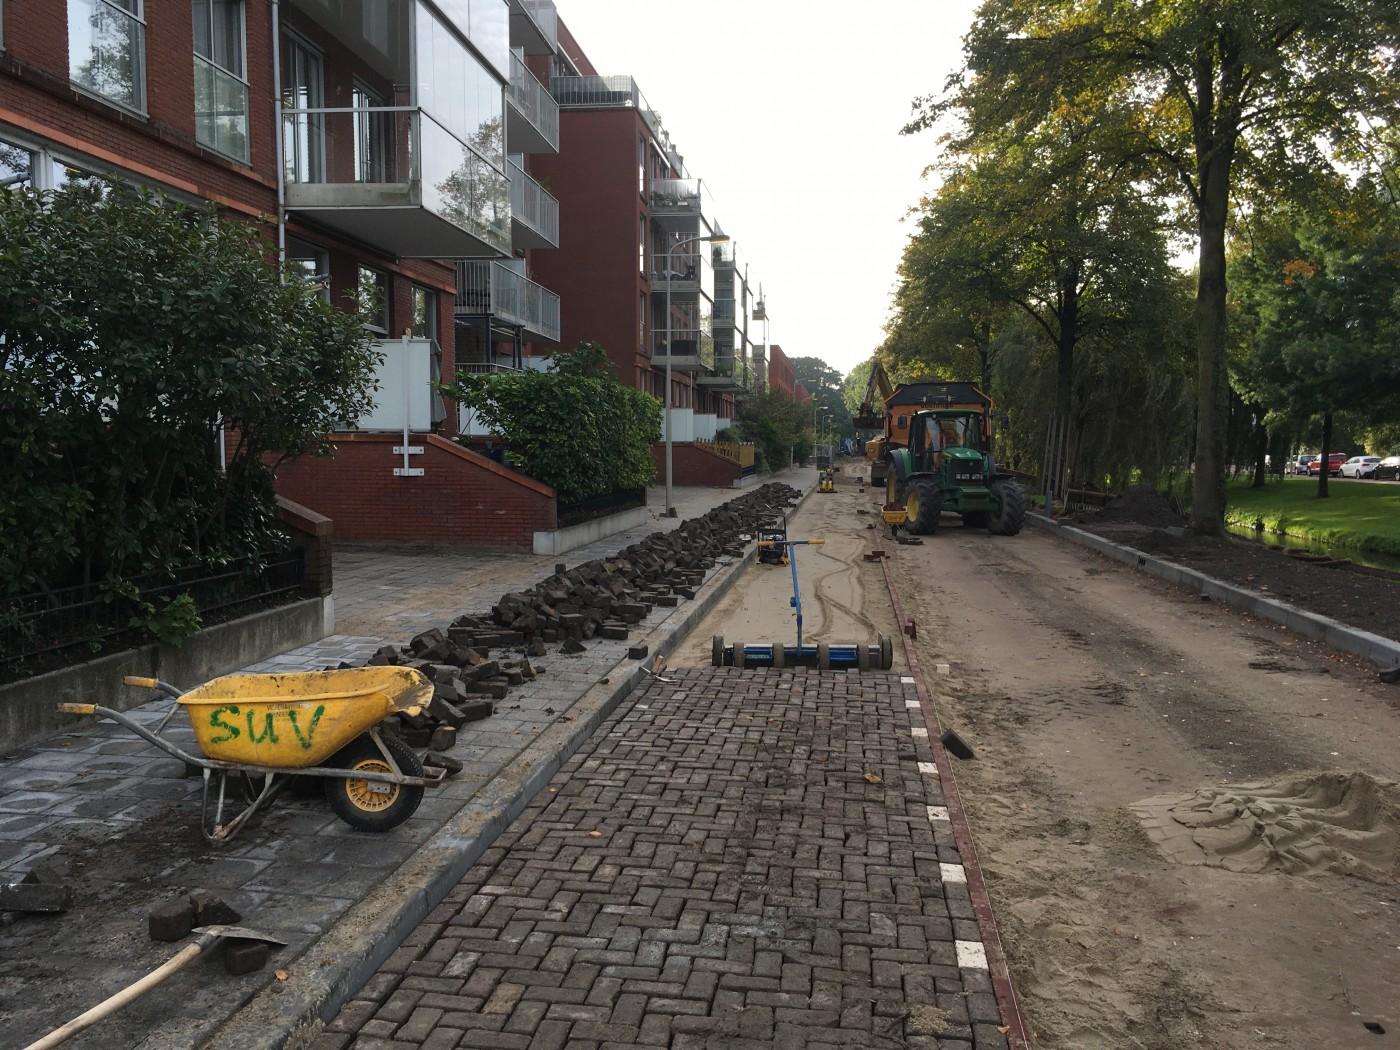 Den-Haag-3